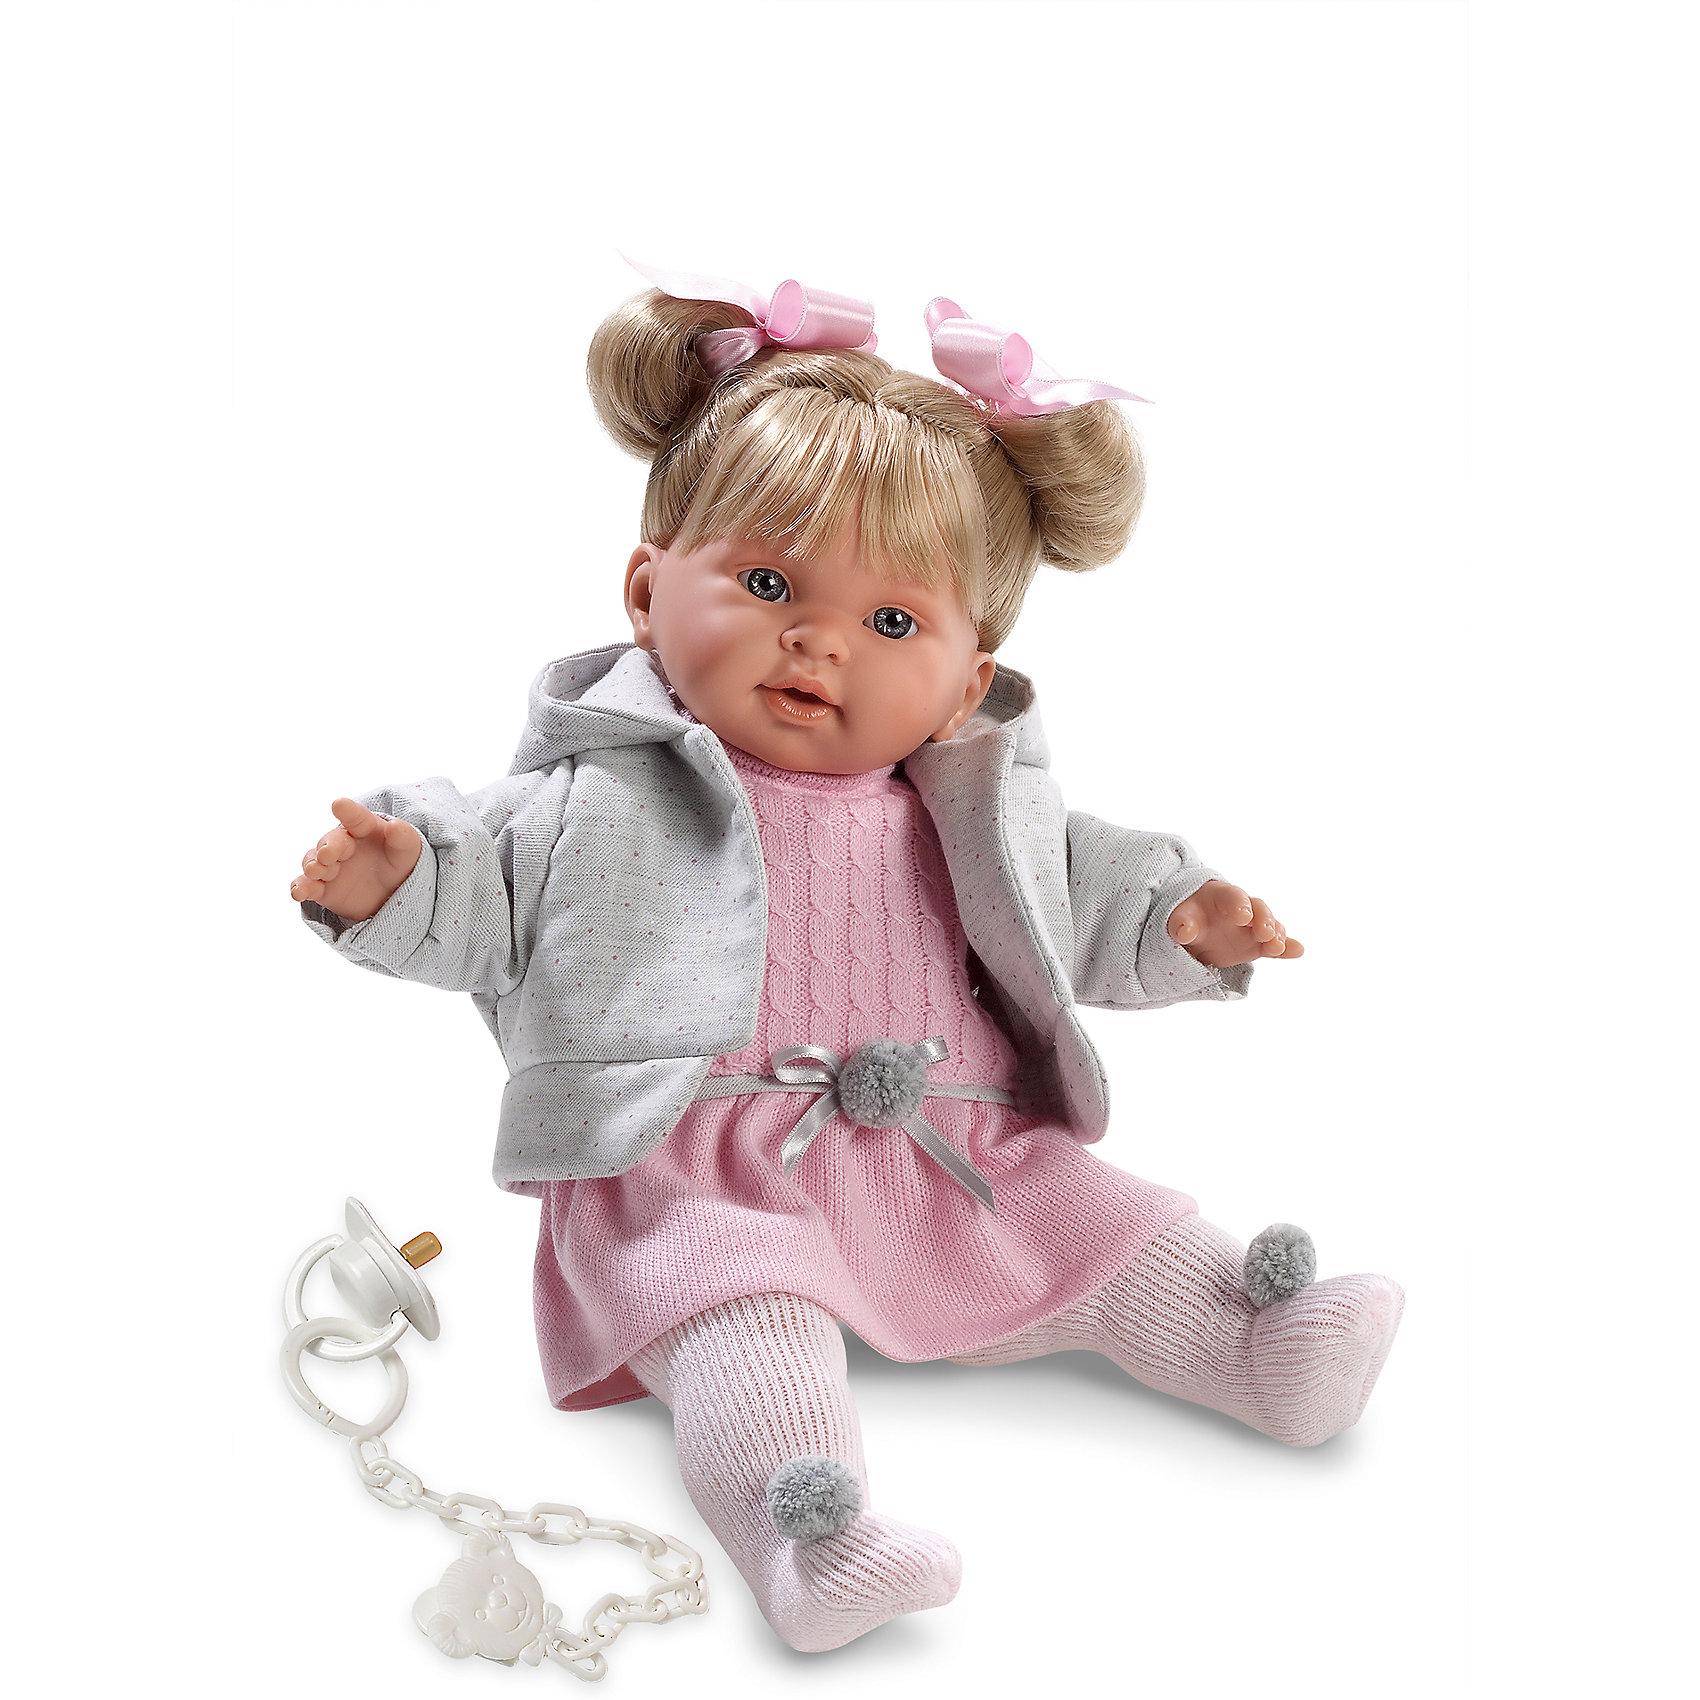 Кукла Пиппа, 42 см, LlorensБренды кукол<br>Характеристики:<br><br>• Предназначение: для сюжетно-ролевых игр<br>• Тип куклы: мягконабивная<br>• Пол куклы: девочка <br>• Цвет волос: блондинка<br>• Материал: поливинилхлорид, пластик, нейлон, текстиль<br>• Цвет: розовый, белый, серый<br>• Высота куклы: 42 см<br>• Комплектация: кукла, платье, курточка, колготки, пустышка на цепочке<br>• Вес: 1 кг 360 г<br>• Размеры упаковки (Д*В*Ш): 23*45*12 см<br>• Упаковка: подарочная картонная коробка <br>• Особенности ухода: допускается деликатная стирка без использования красящих и отбеливающих средств предметов одежды куклы<br><br>Кукла Пиппа 42 см без звука – кукла, производителем которого является всемирно известный испанский кукольный бренд Llorens. Куклы этой торговой марки имеют свою неповторимую внешность и целую линейку образов как пупсов, так и кукол-малышей. Игрушки выполнены из сочетания поливинилхлорида и пластика, что позволяет с высокой долей достоверности воссоздать физиологические и мимические особенности маленьких детей. При изготовлении кукол Llorens используются только сертифицированные материалы, безопасные и не вызывающие аллергических реакций. Волосы у кукол отличаются густотой, шелковистостью и блеском, при расчесывании они не выпадают и не ломаются.<br>Кукла Пиппа 42 см без звука выполнена в образе малышки: у нее светлые волосы, собранные в два хвостика, и голубые глаза. Комплект осенней одежды Пиппы состоит из вязаного платьица с пояском, курточки с капюшоном и коглоточек с помпонами. У малышки имеется соска на цепочке-держателе. <br>Кукла Пиппа 42 см без звука – это идеальный вариант для подарка к различным праздникам и торжествам.<br><br>Куклу Пиппу 42 см без звука можно купить в нашем интернет-магазине.<br><br>Ширина мм: 23<br>Глубина мм: 45<br>Высота мм: 12<br>Вес г: 1360<br>Возраст от месяцев: 36<br>Возраст до месяцев: 84<br>Пол: Женский<br>Возраст: Детский<br>SKU: 5086918